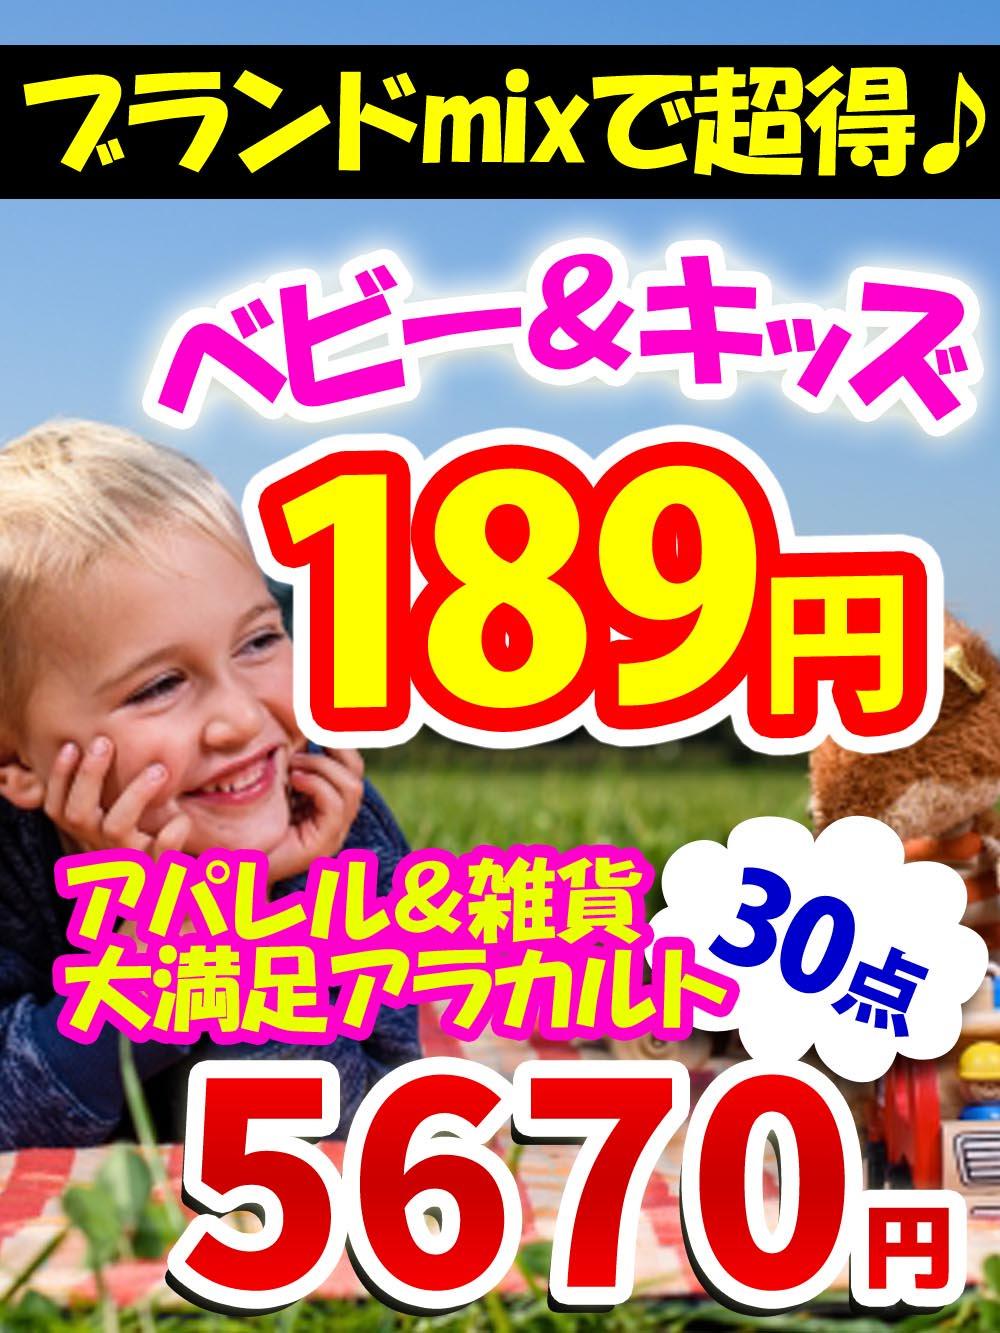 【ブランドMIX!ベビー&キッズ189円】アパレル&雑貨大満足アラカルト!【30点】@189